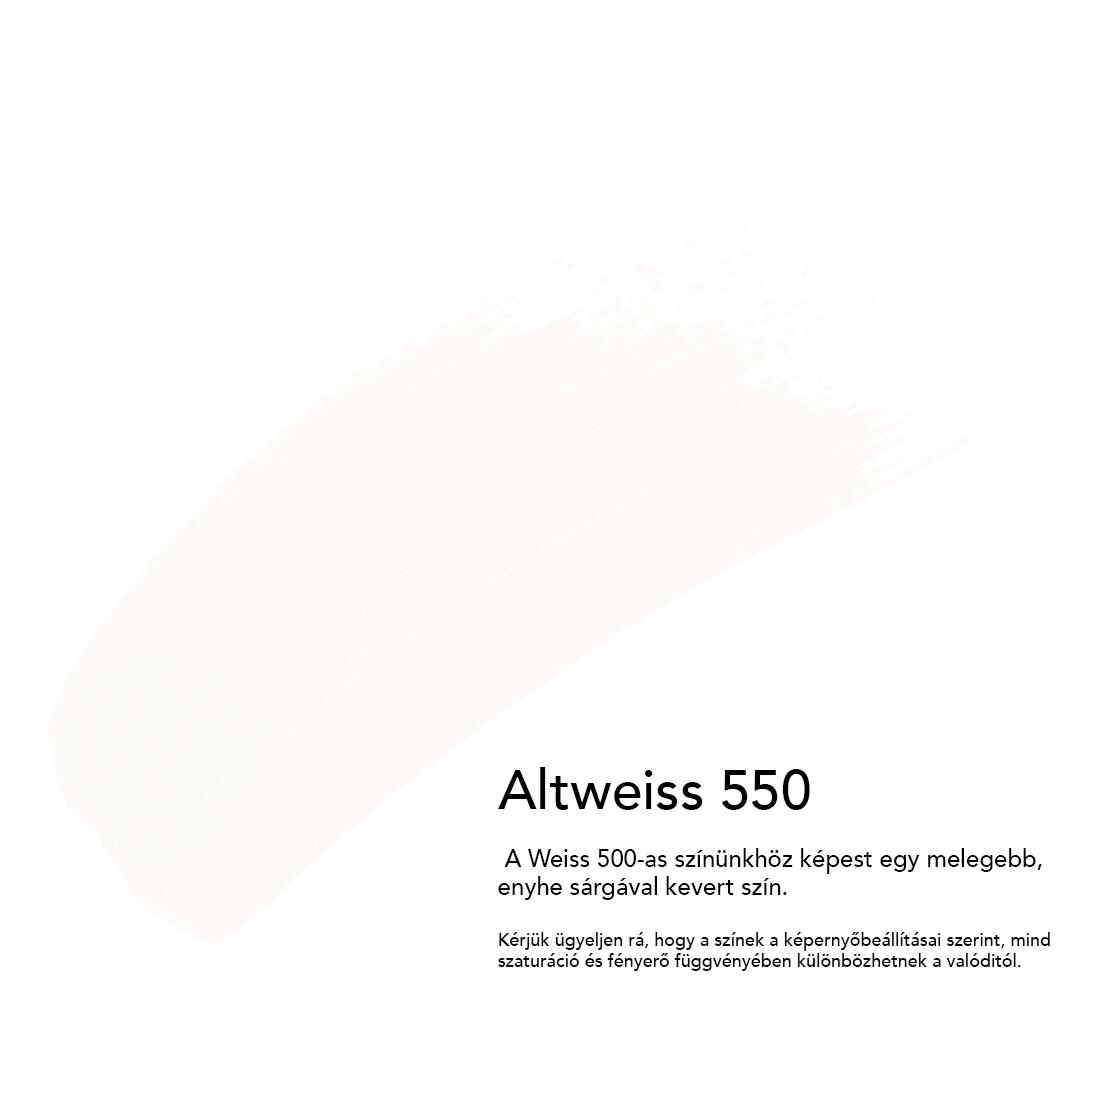 altweiss